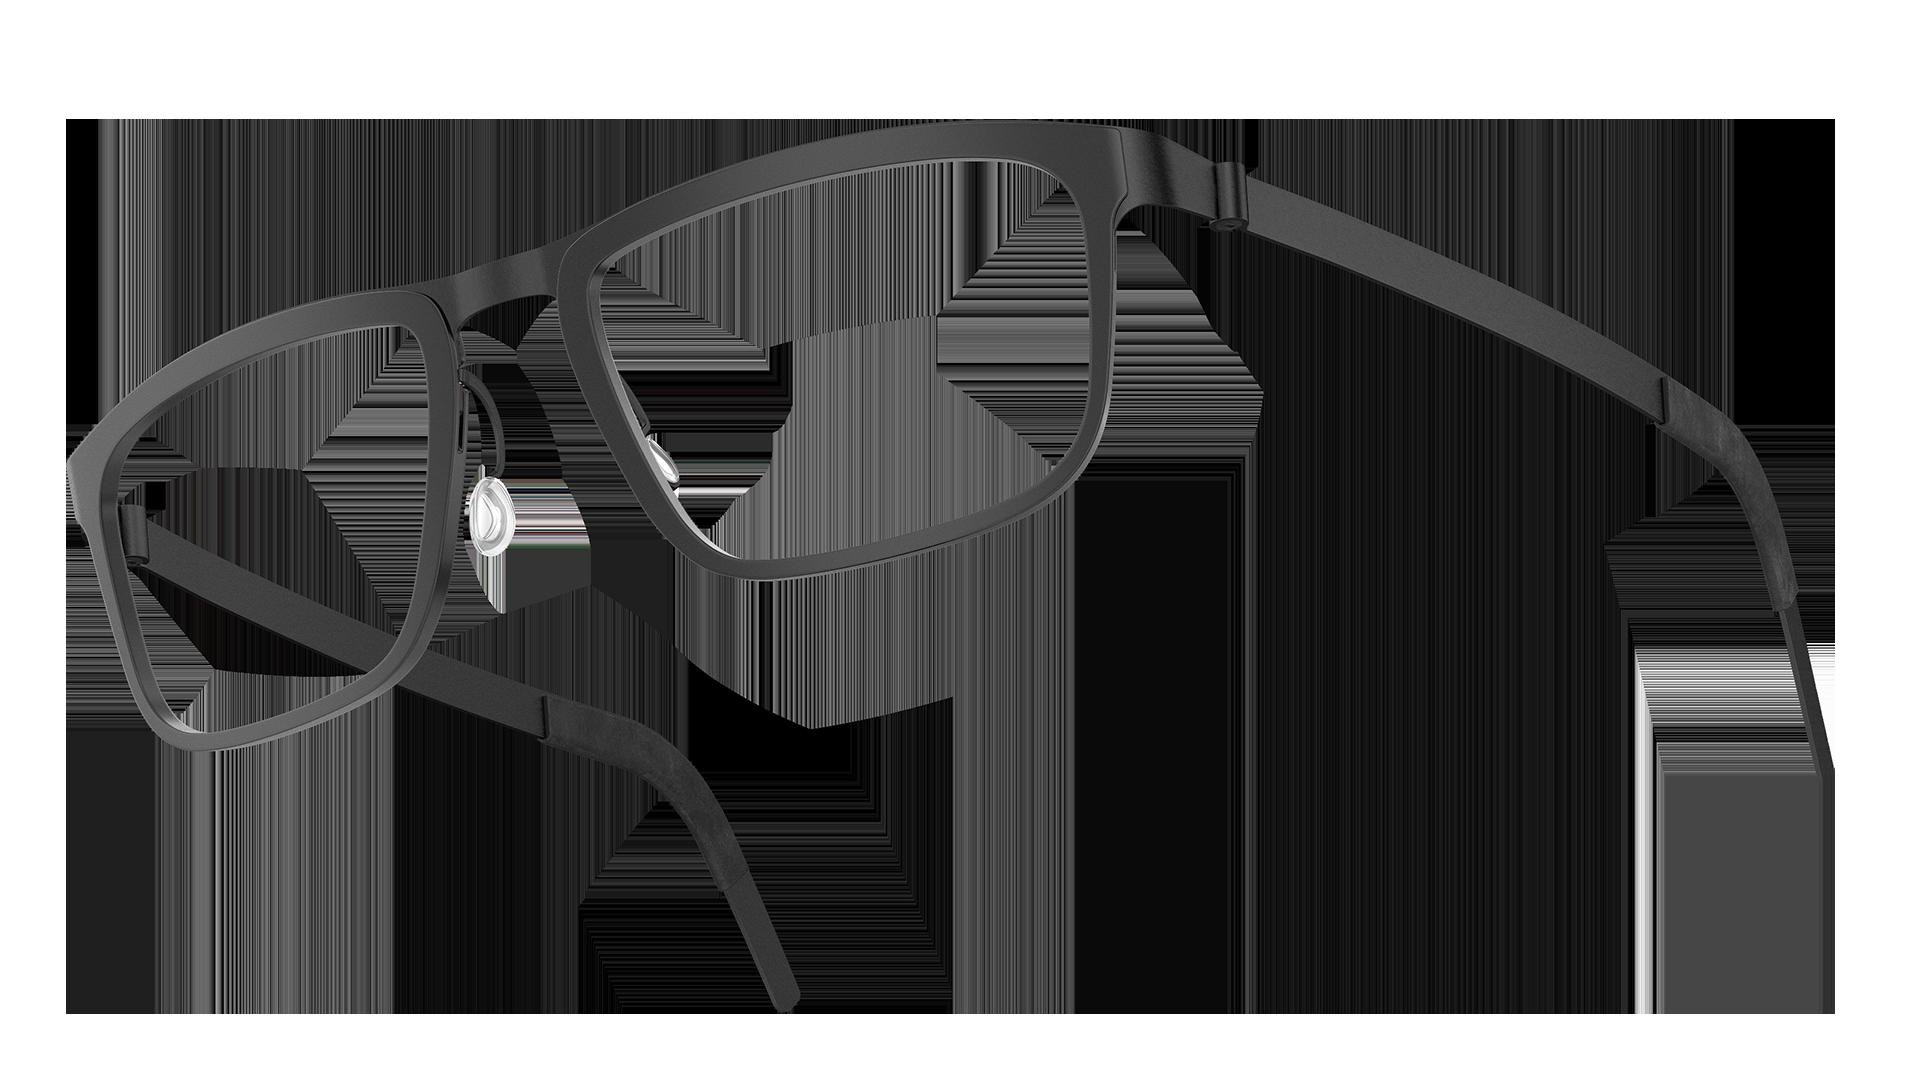 4504/426 – K24M/U9